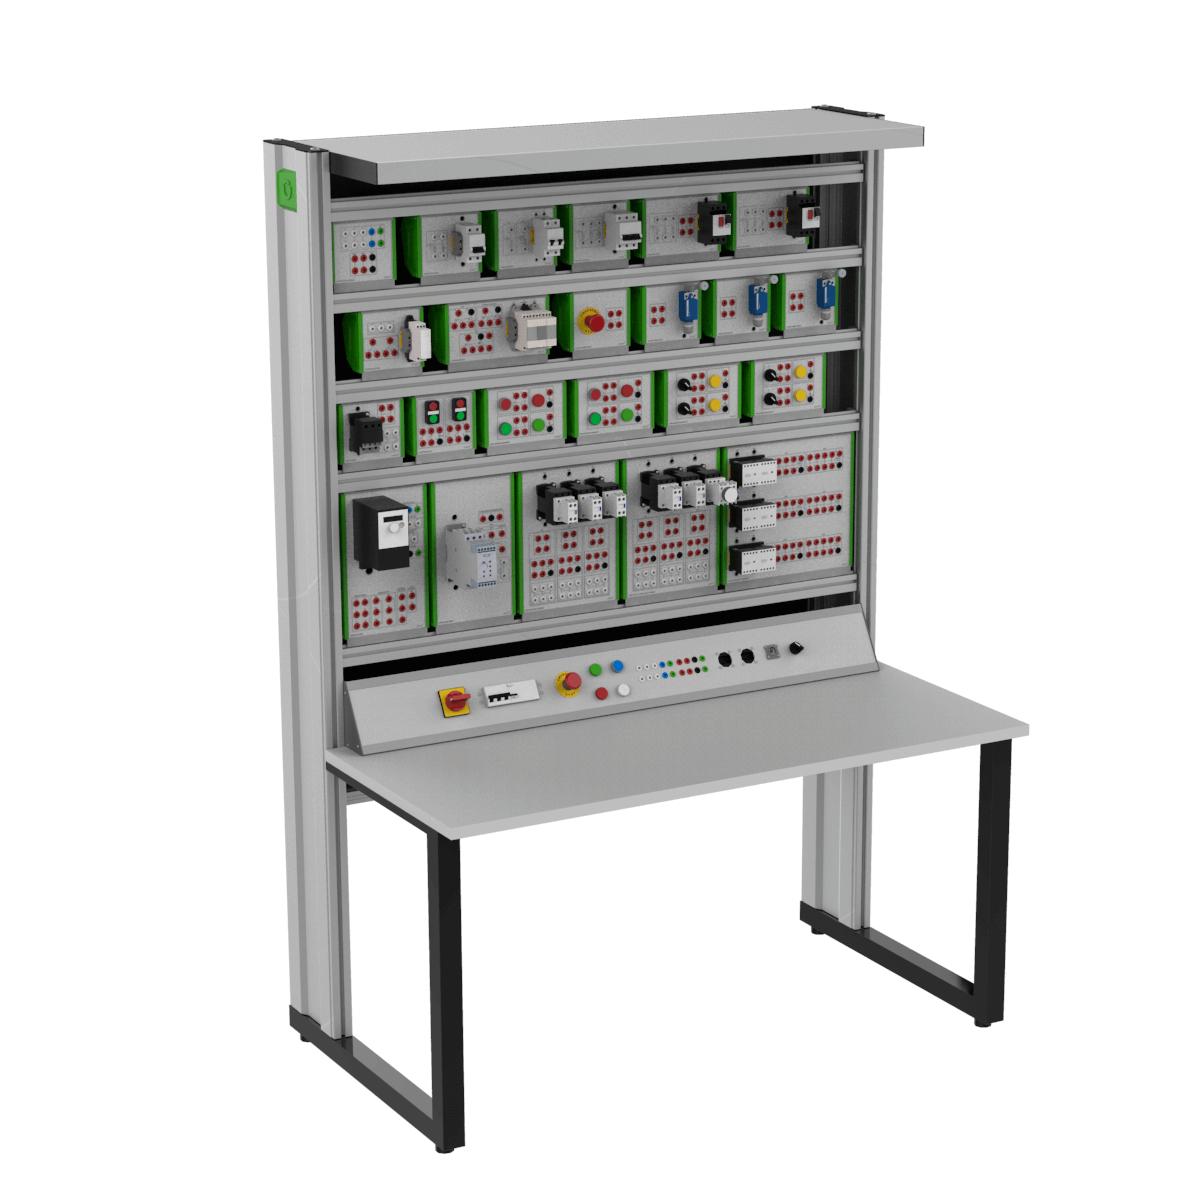 lab-eletricidade-industrial-bancada-didatica-quadro-de-comando-auttom-2